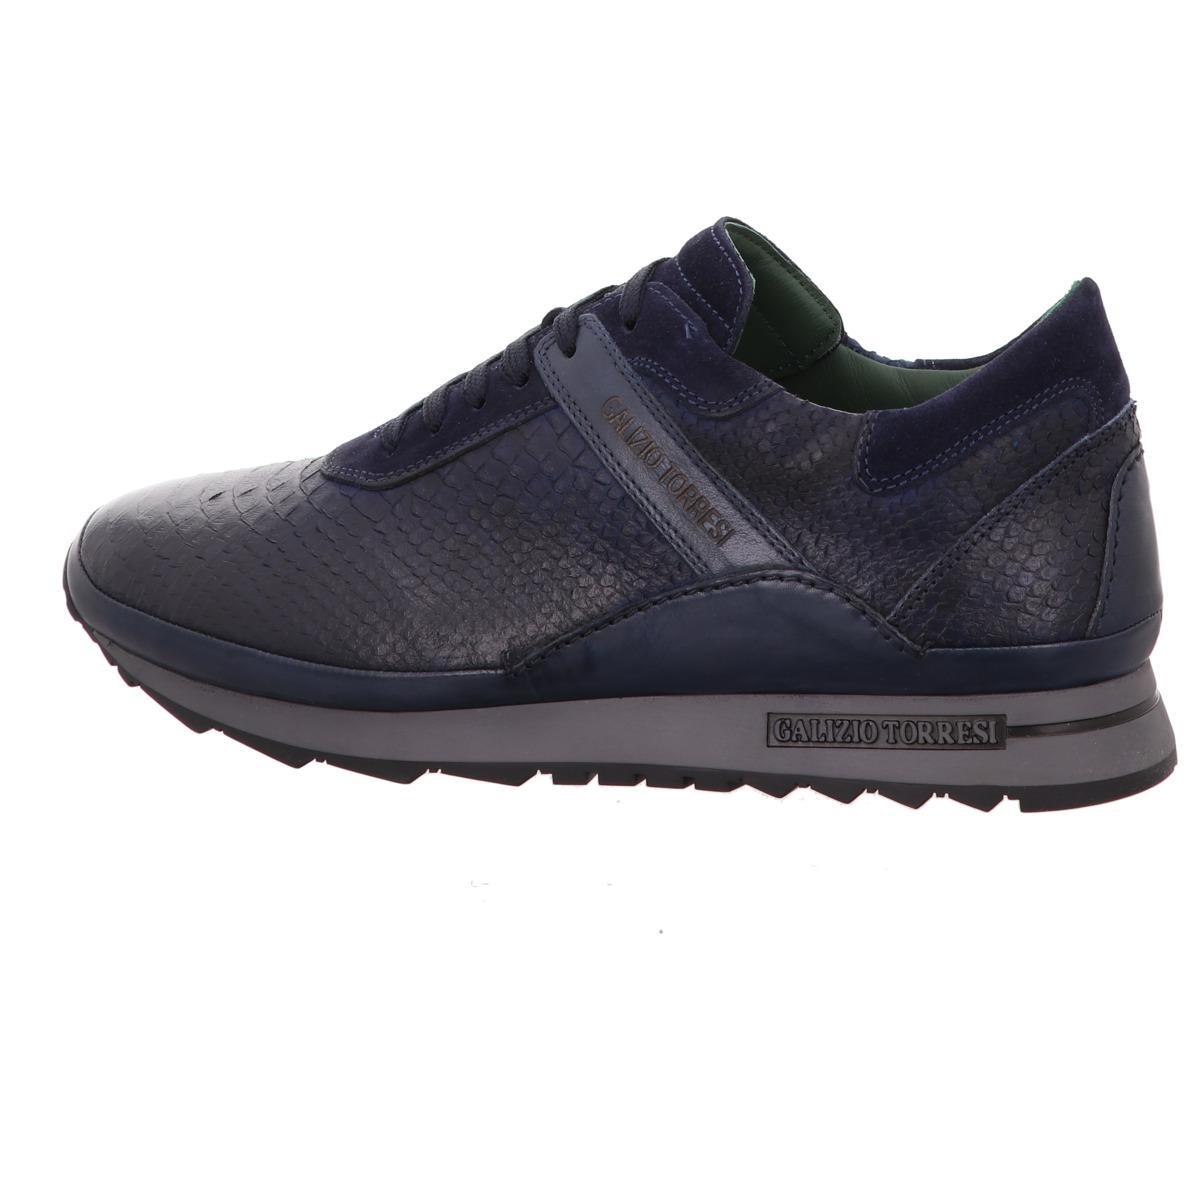 Blau Torresi Leder Galizio Glatt Sneaker c3TFJlK1